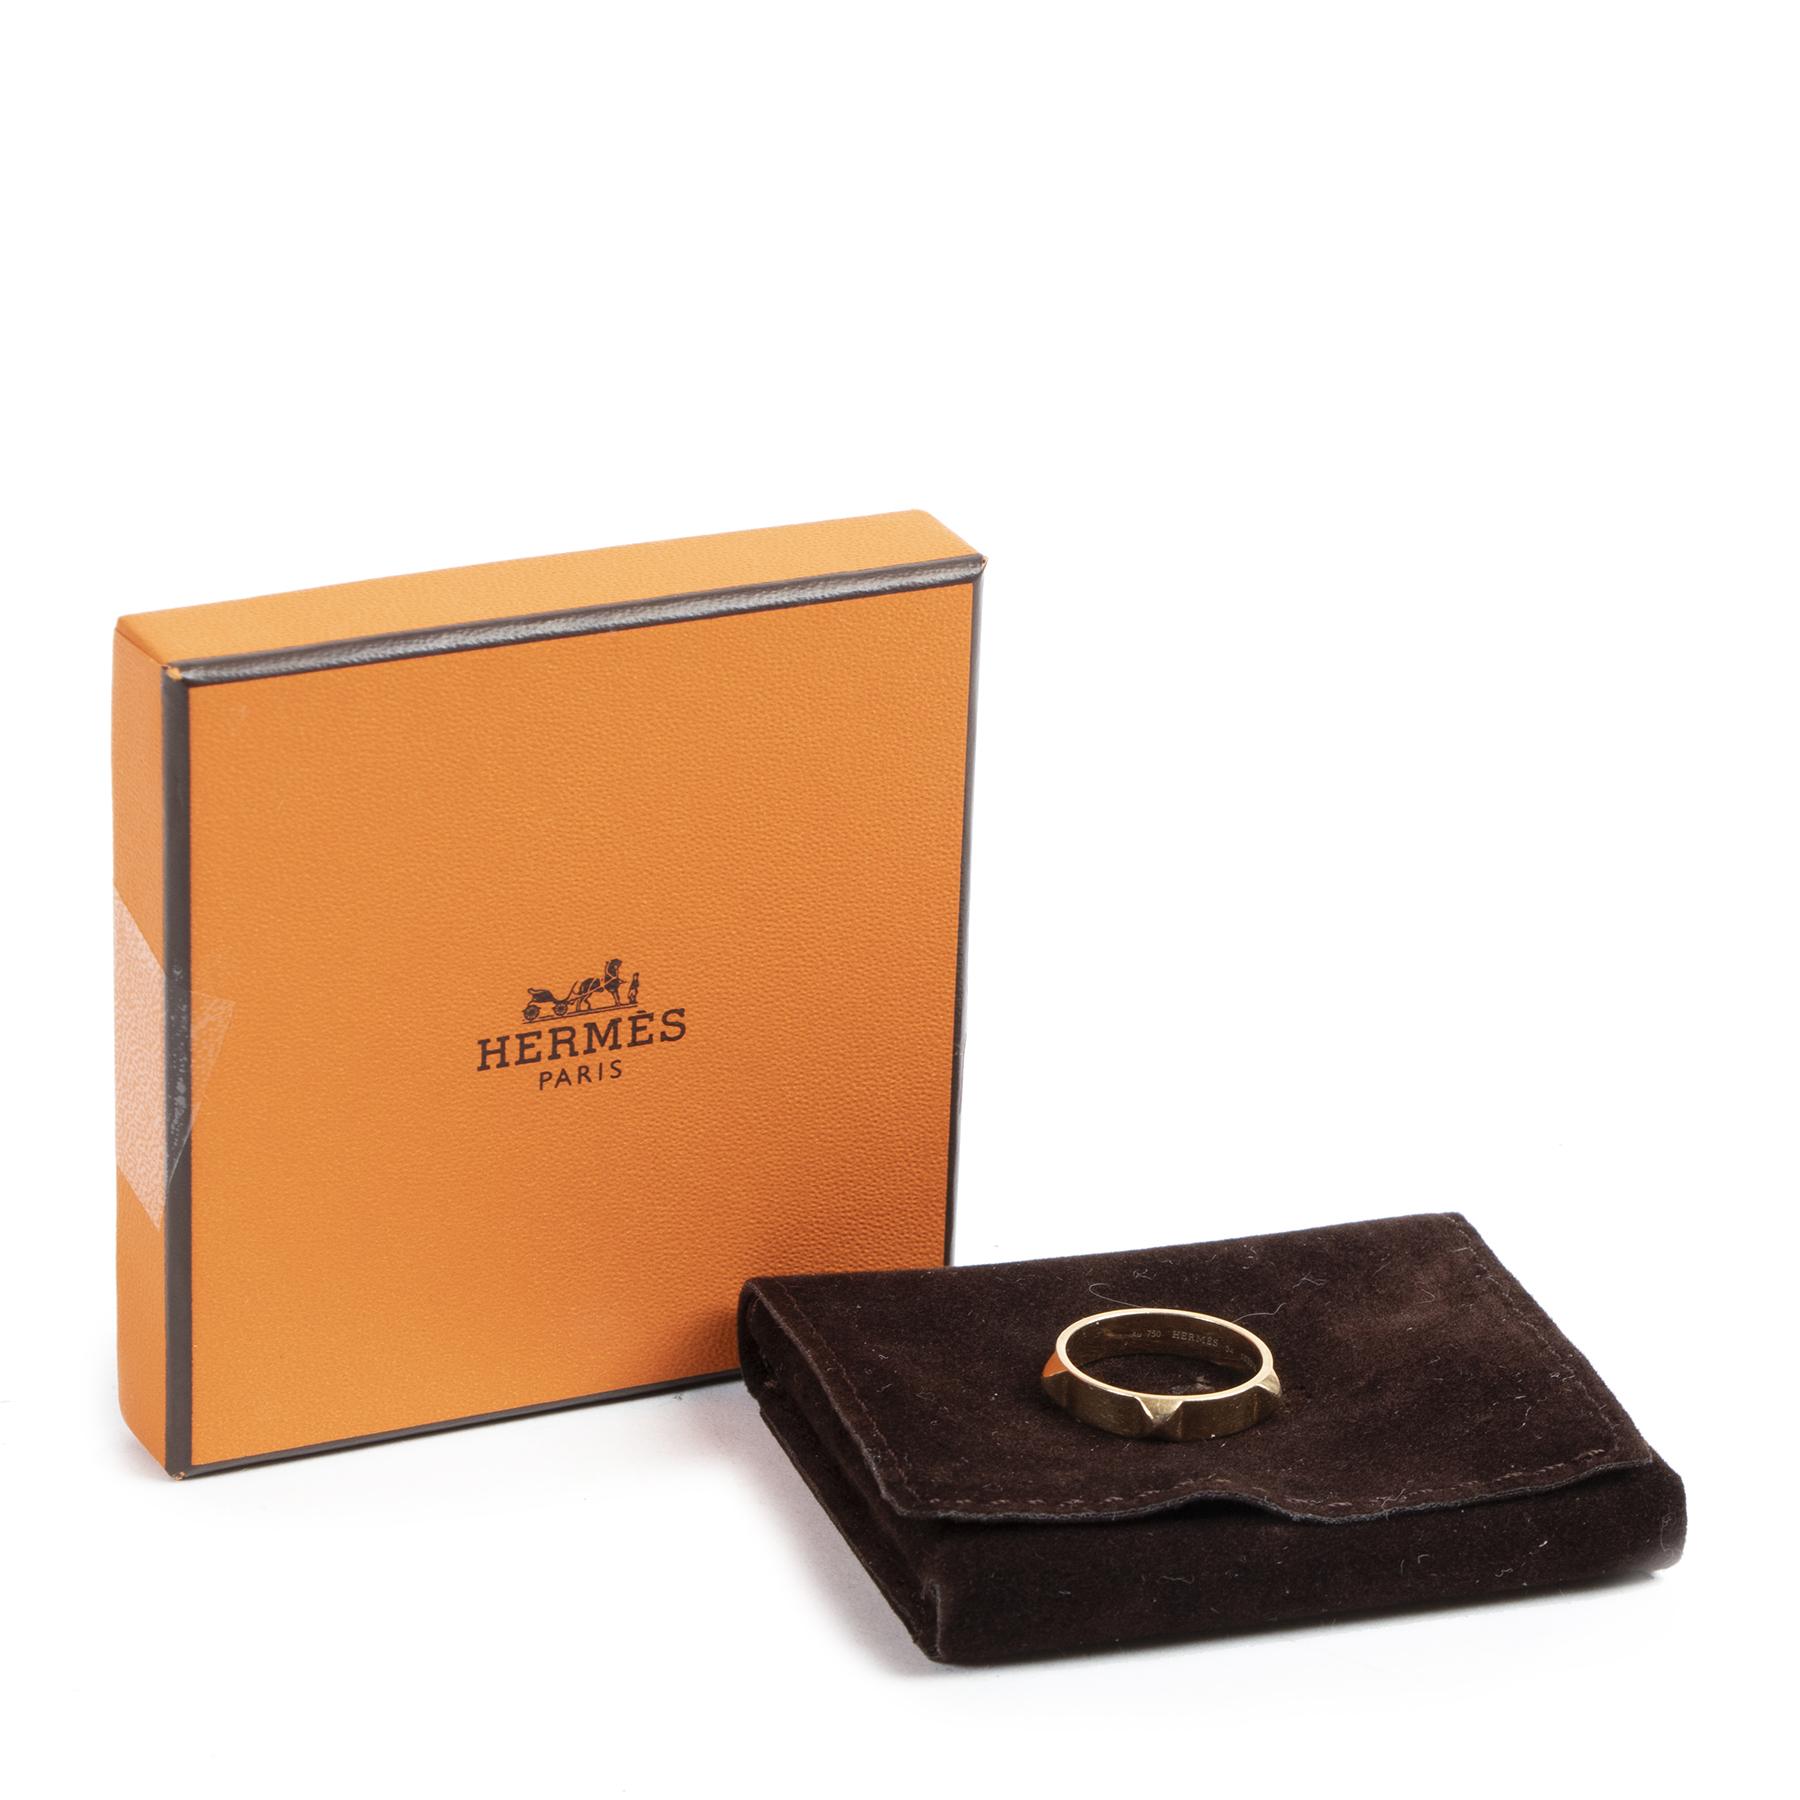 Hermes 18K Rose Gold Mini Clous Ring